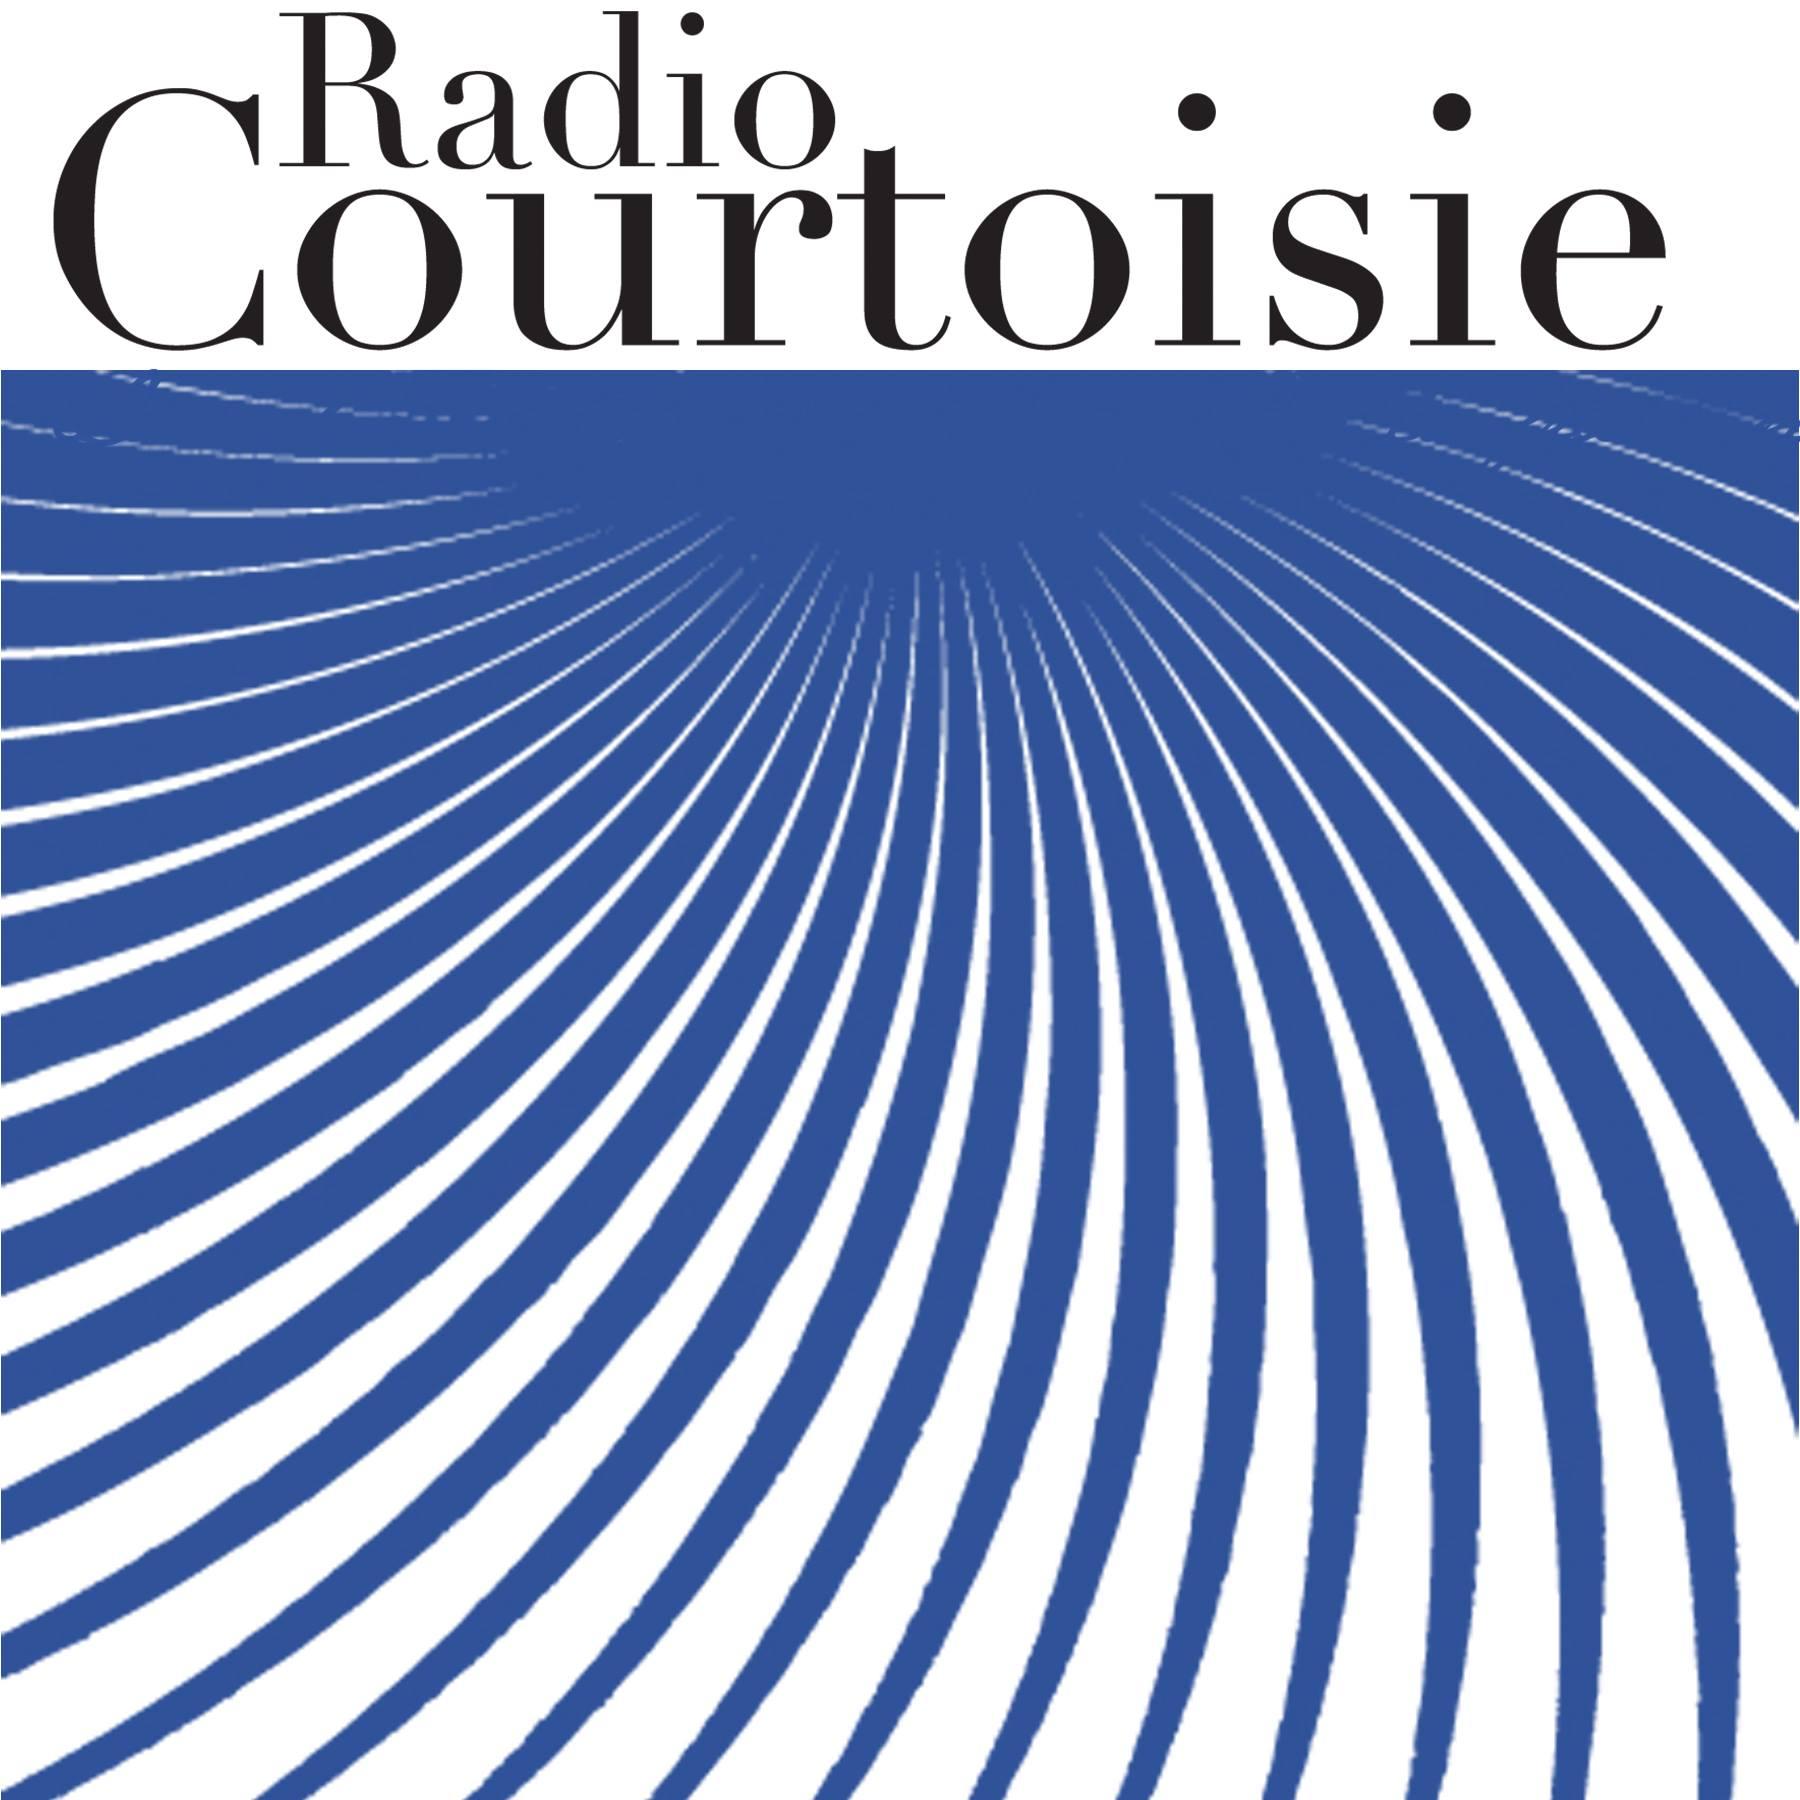 Radio Courtoisie va perdre 5 fréquences